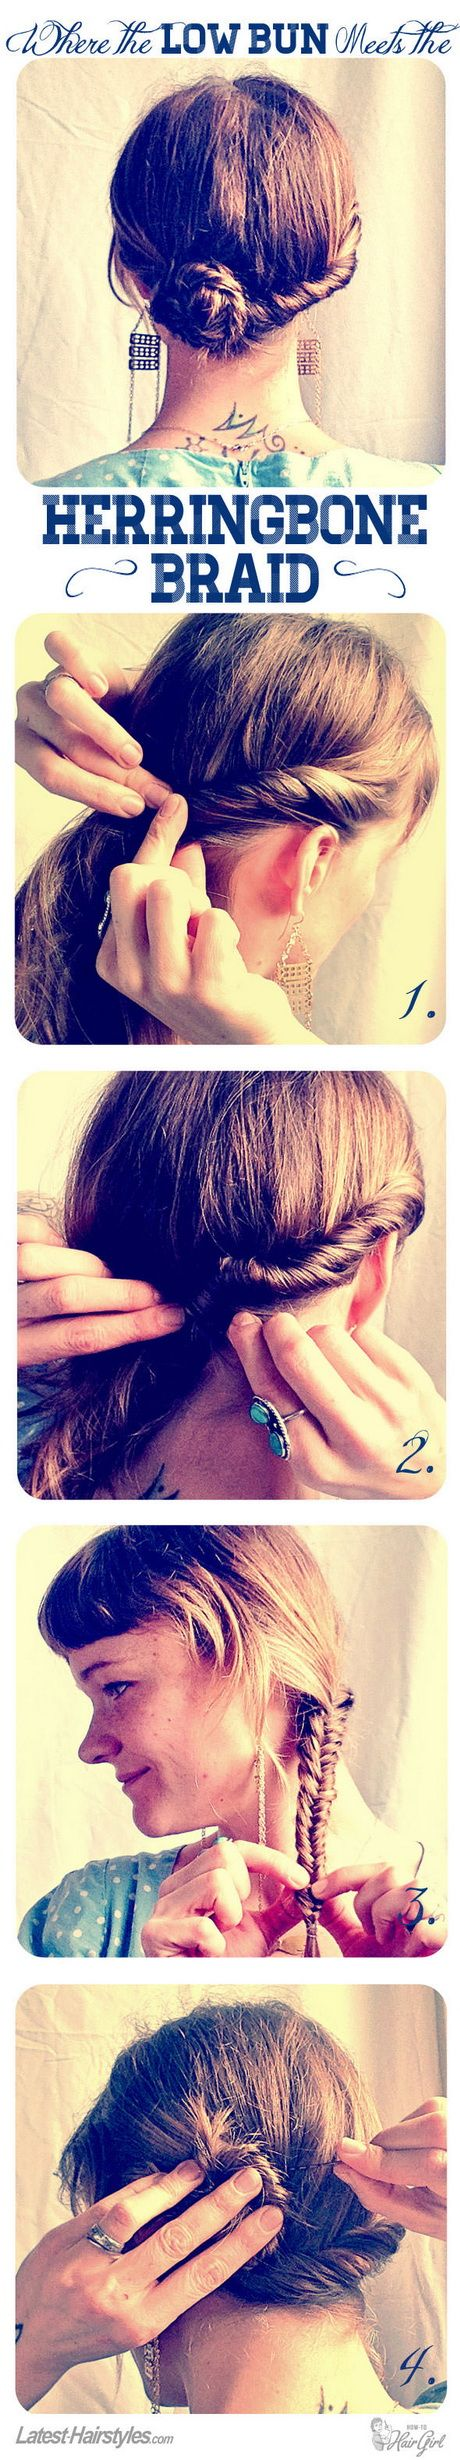 Easy hair tutorials - Herringbone braid